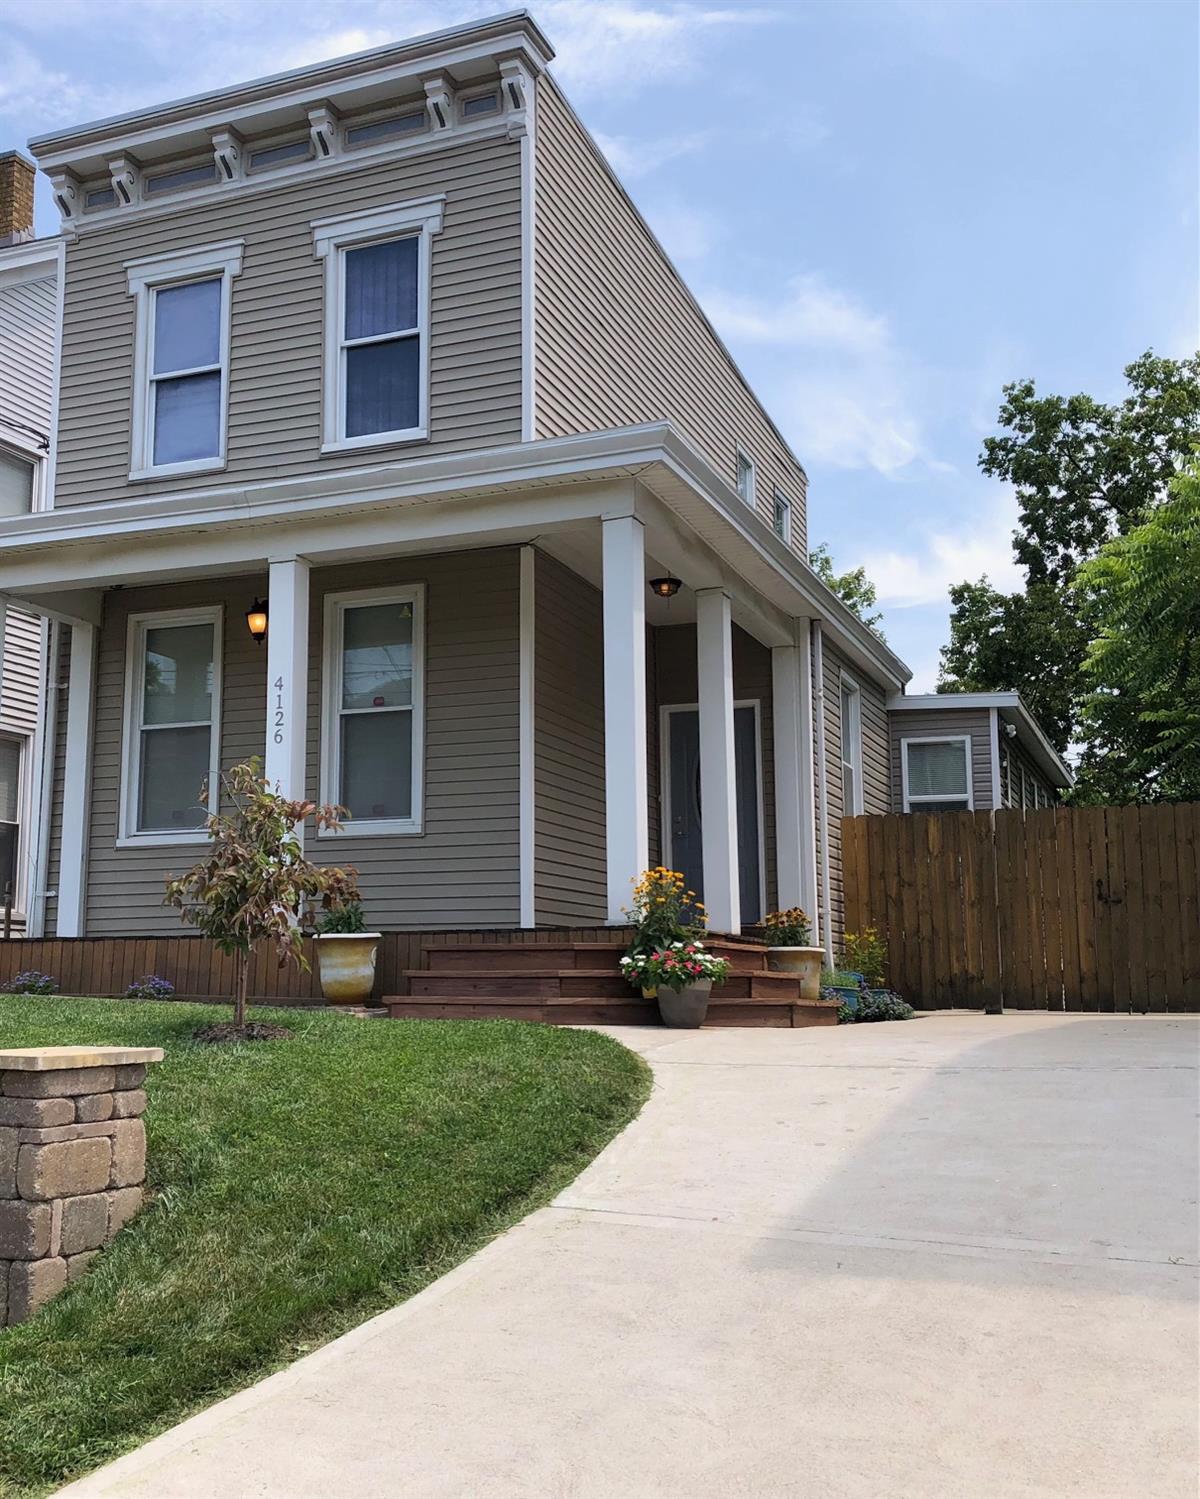 Photo 3 for 4126 Fergus Street Northside, OH 45223